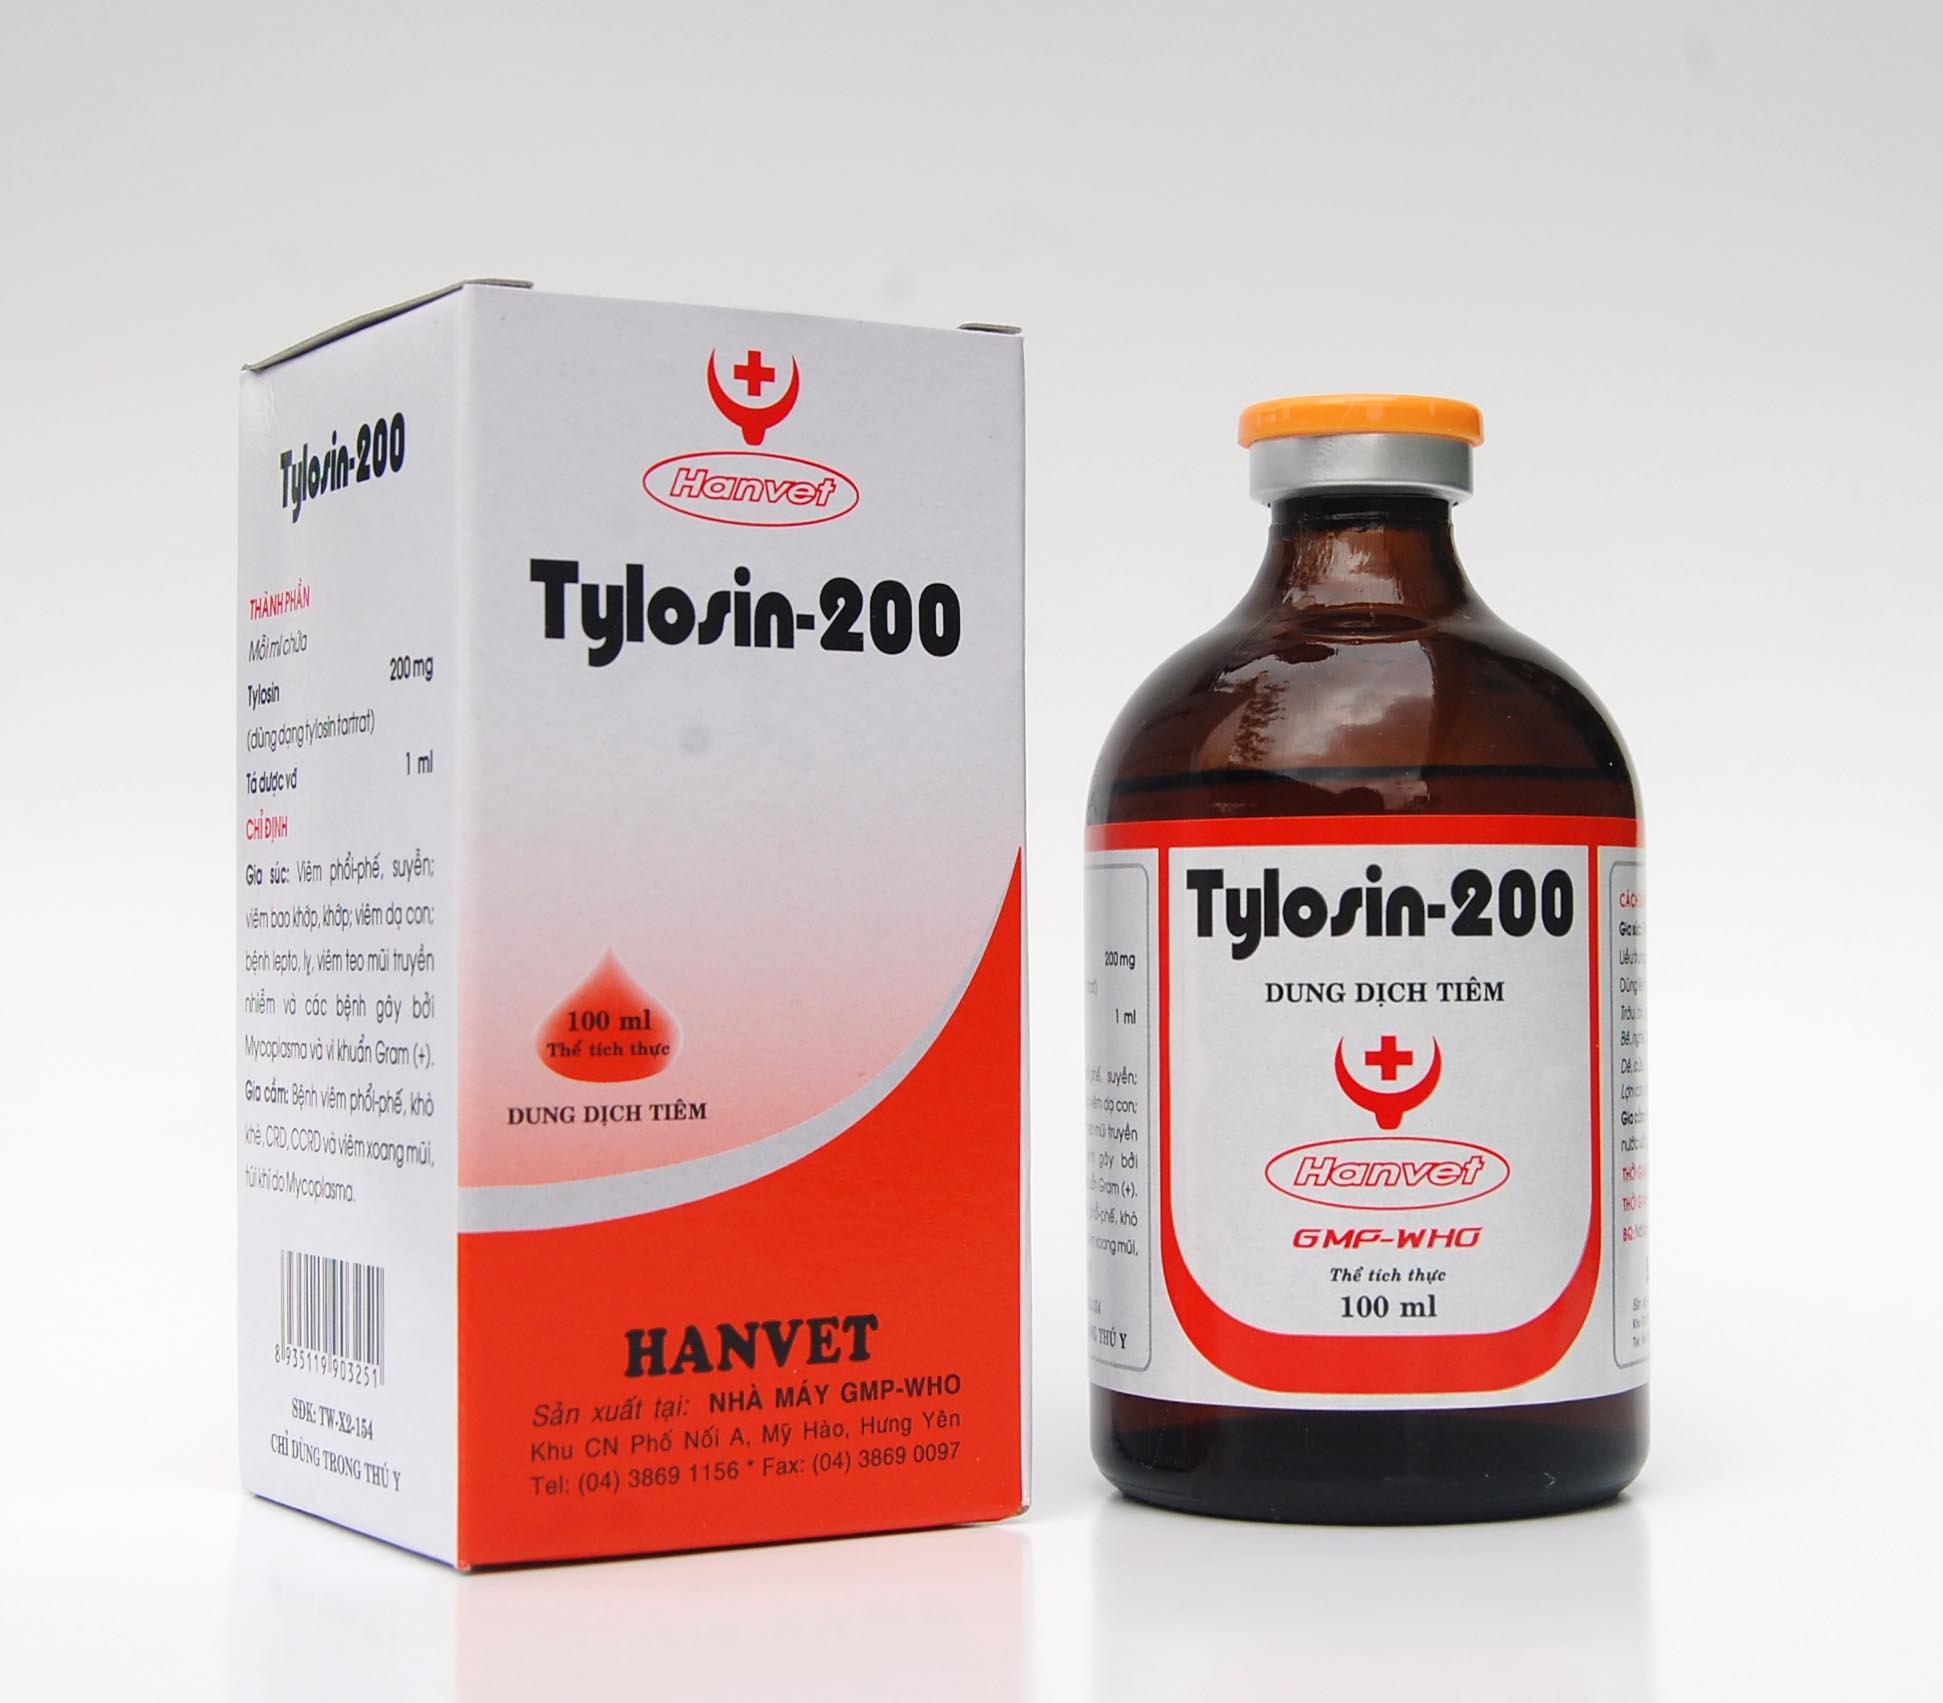 Tylosin-200